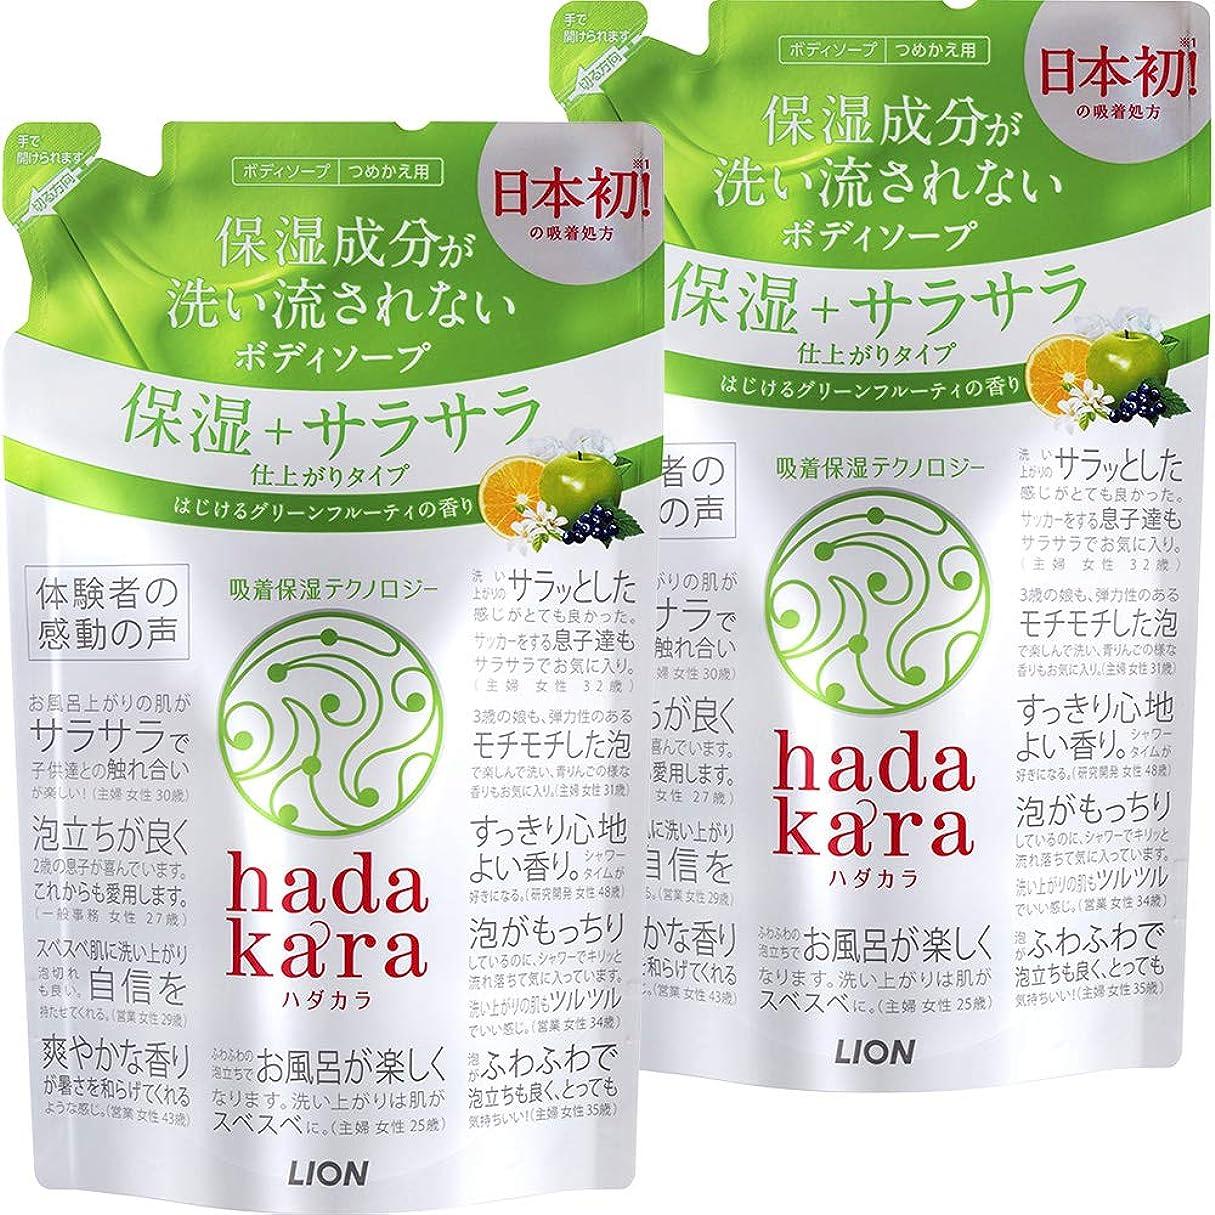 生む逸話一過性【まとめ買い】hadakara(ハダカラ) ボディソープ 保湿+サラサラ仕上がりタイプ グリーンフルーティの香り 詰め替え 340ml×2個パック